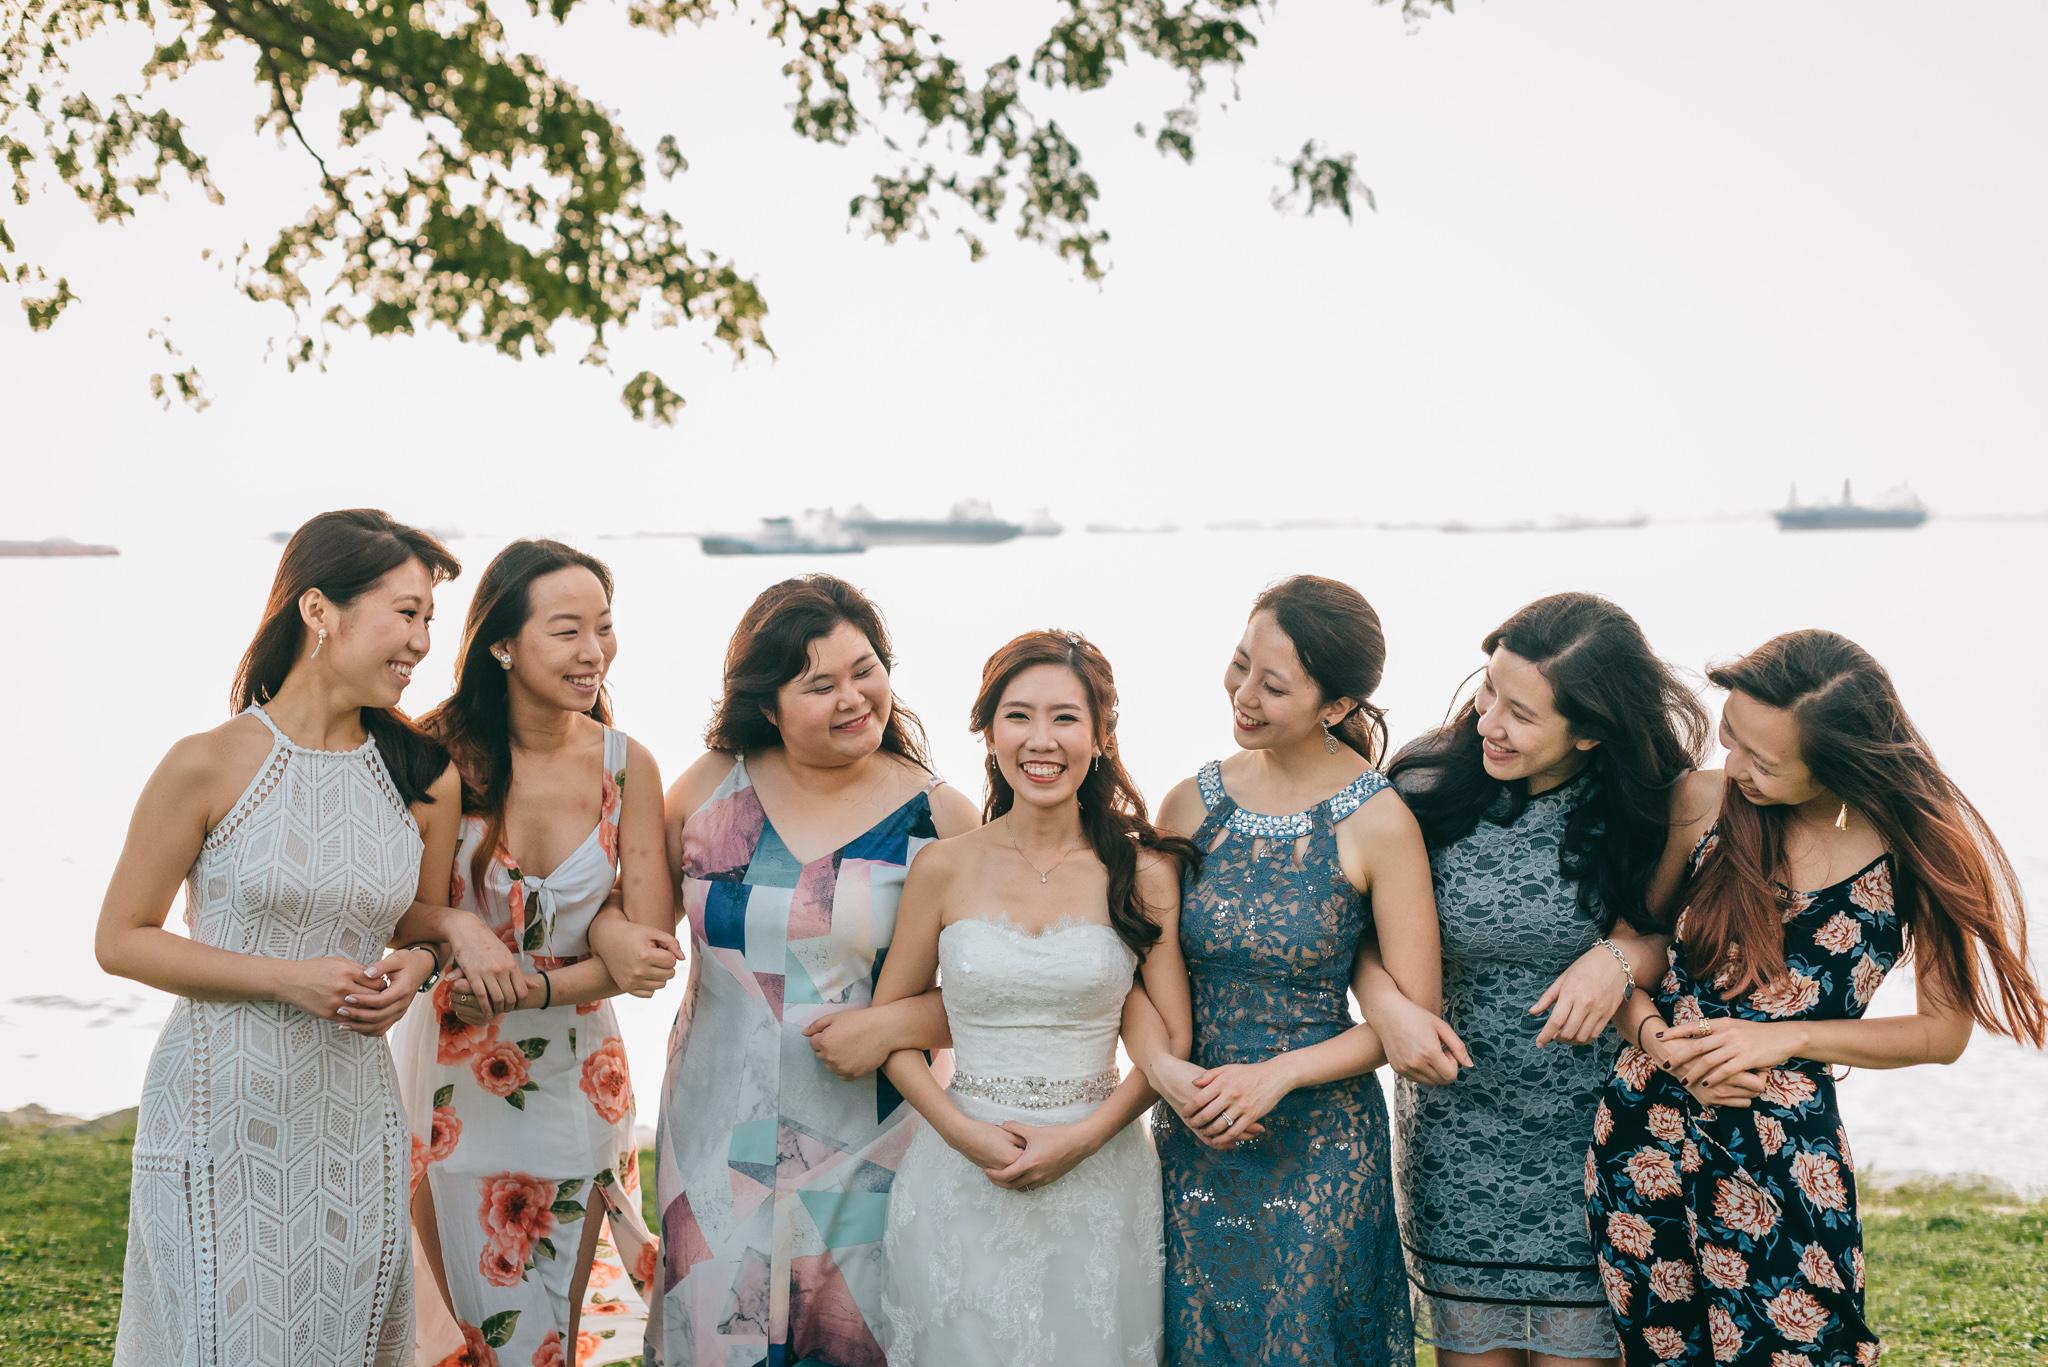 Lionel & Karen Wedding Day Highlights (resized for sharing) - 155.jpg